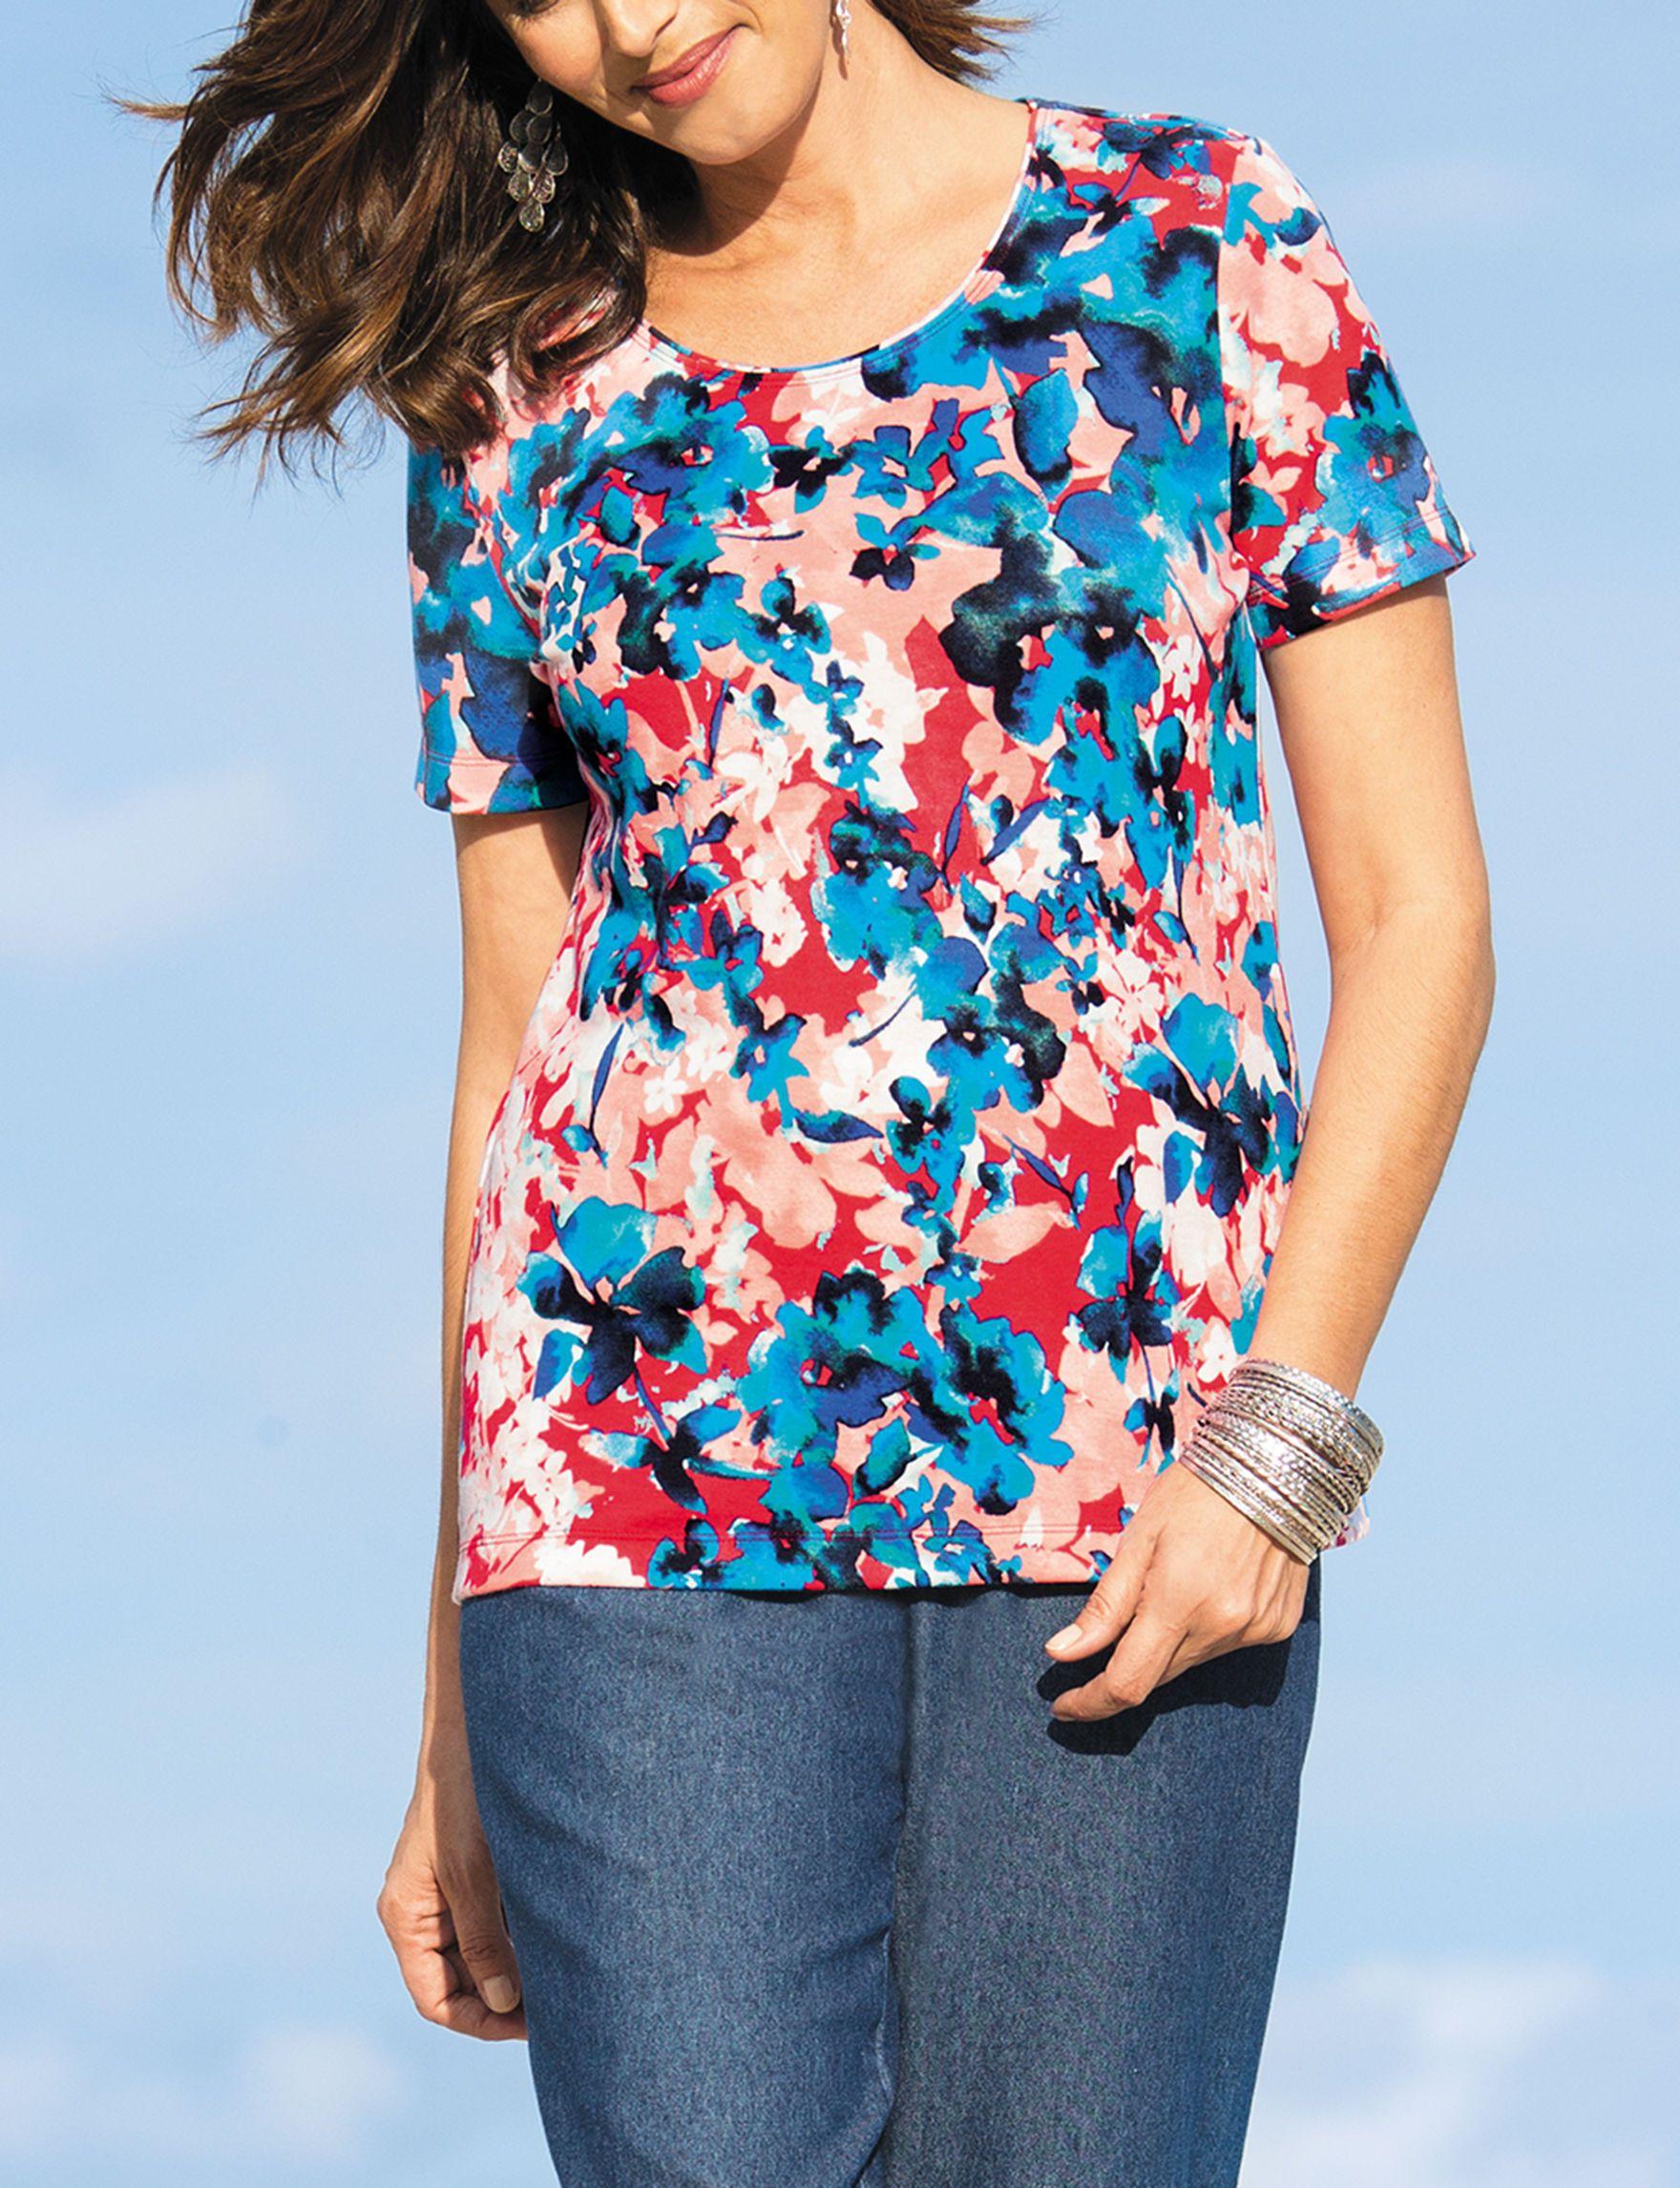 9e4b3a37ec4 Rebecca Malone Floral Print Knit Top